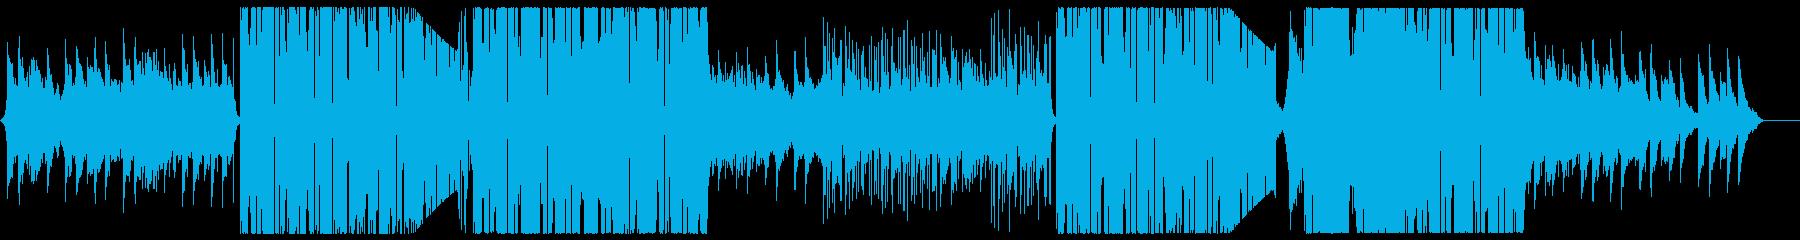 展開が激しい幻想的なEDMの再生済みの波形